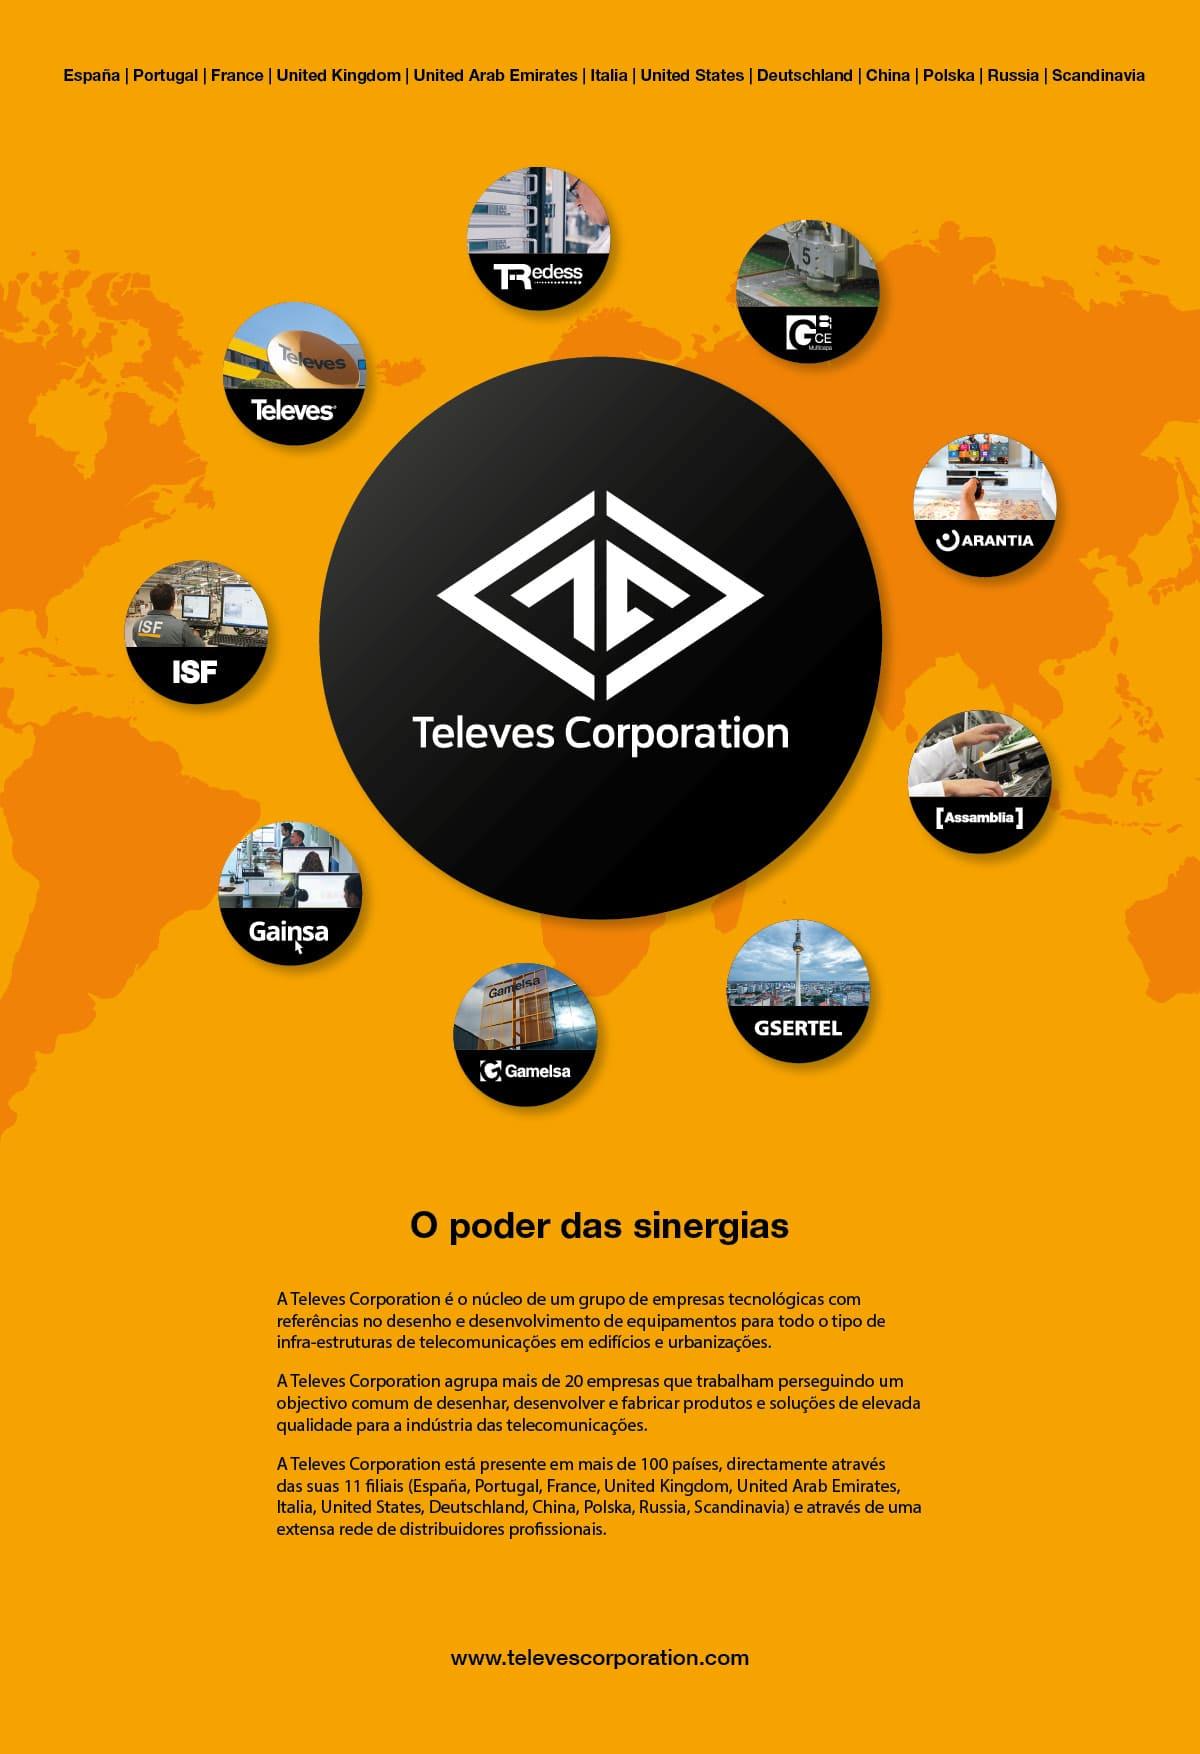 Televes Corporation, o poder das sinergias